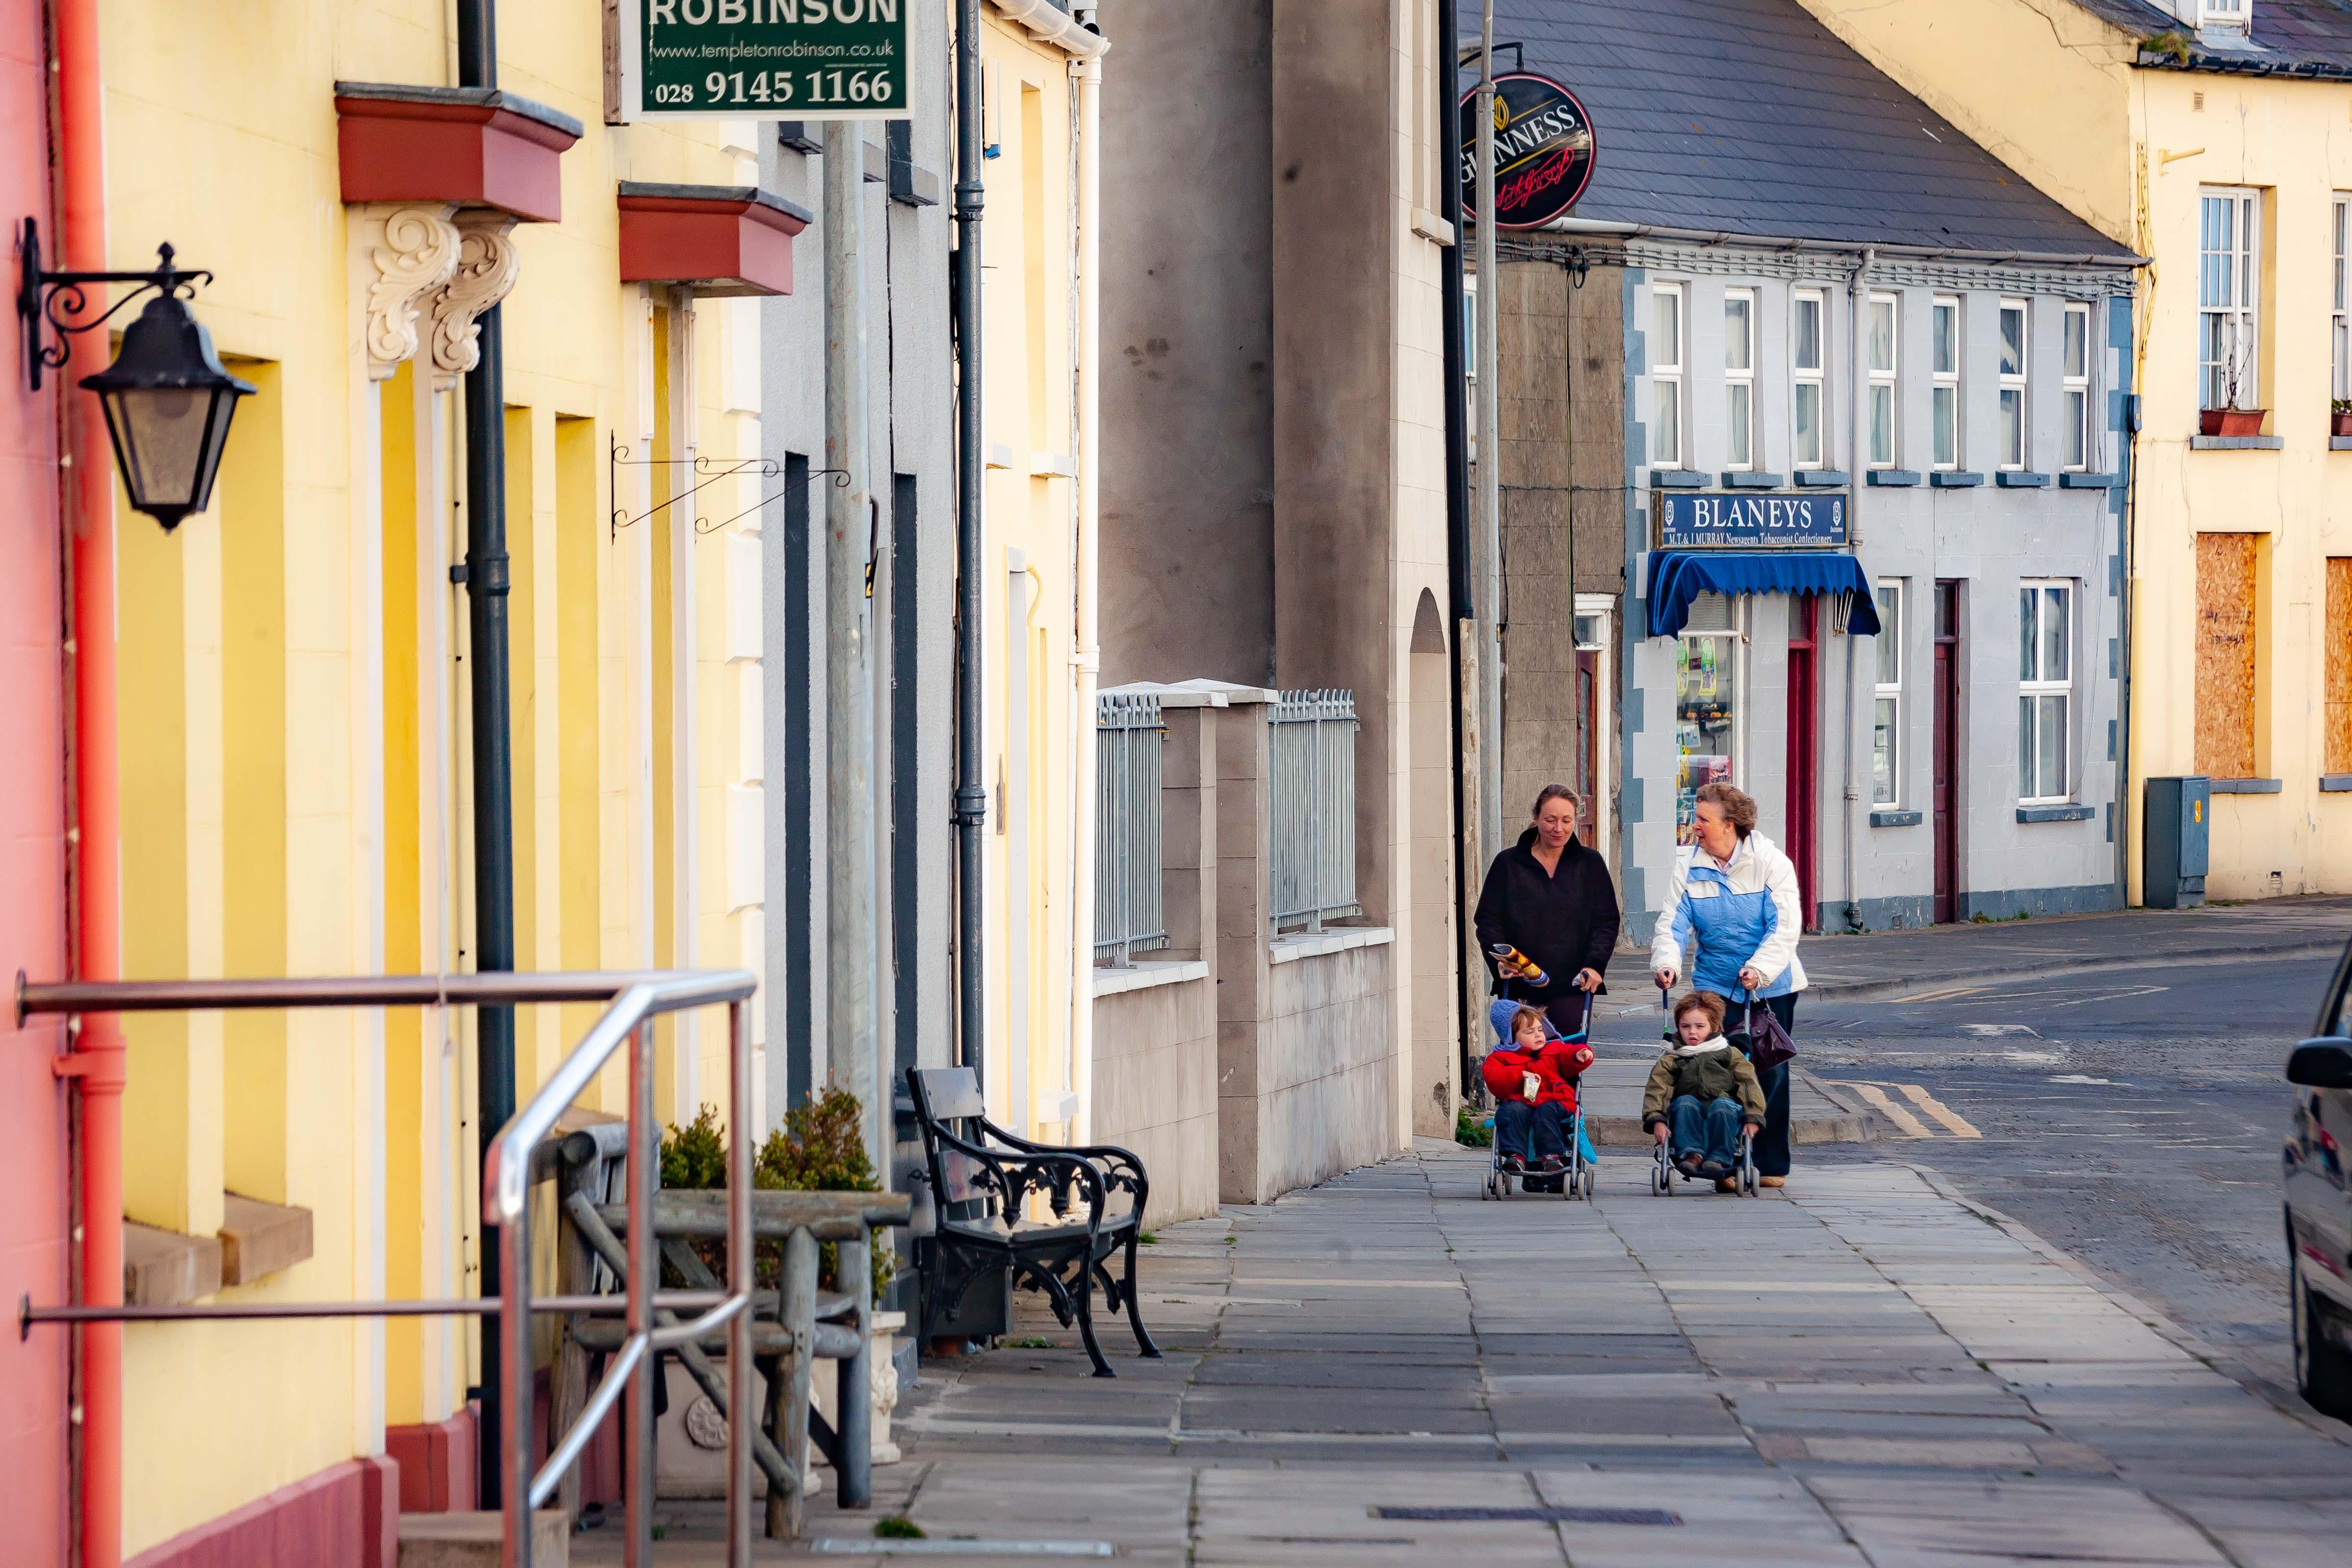 N Ireland, Ards Prov, Strollers Sidewalk, 2009, IMG 9955